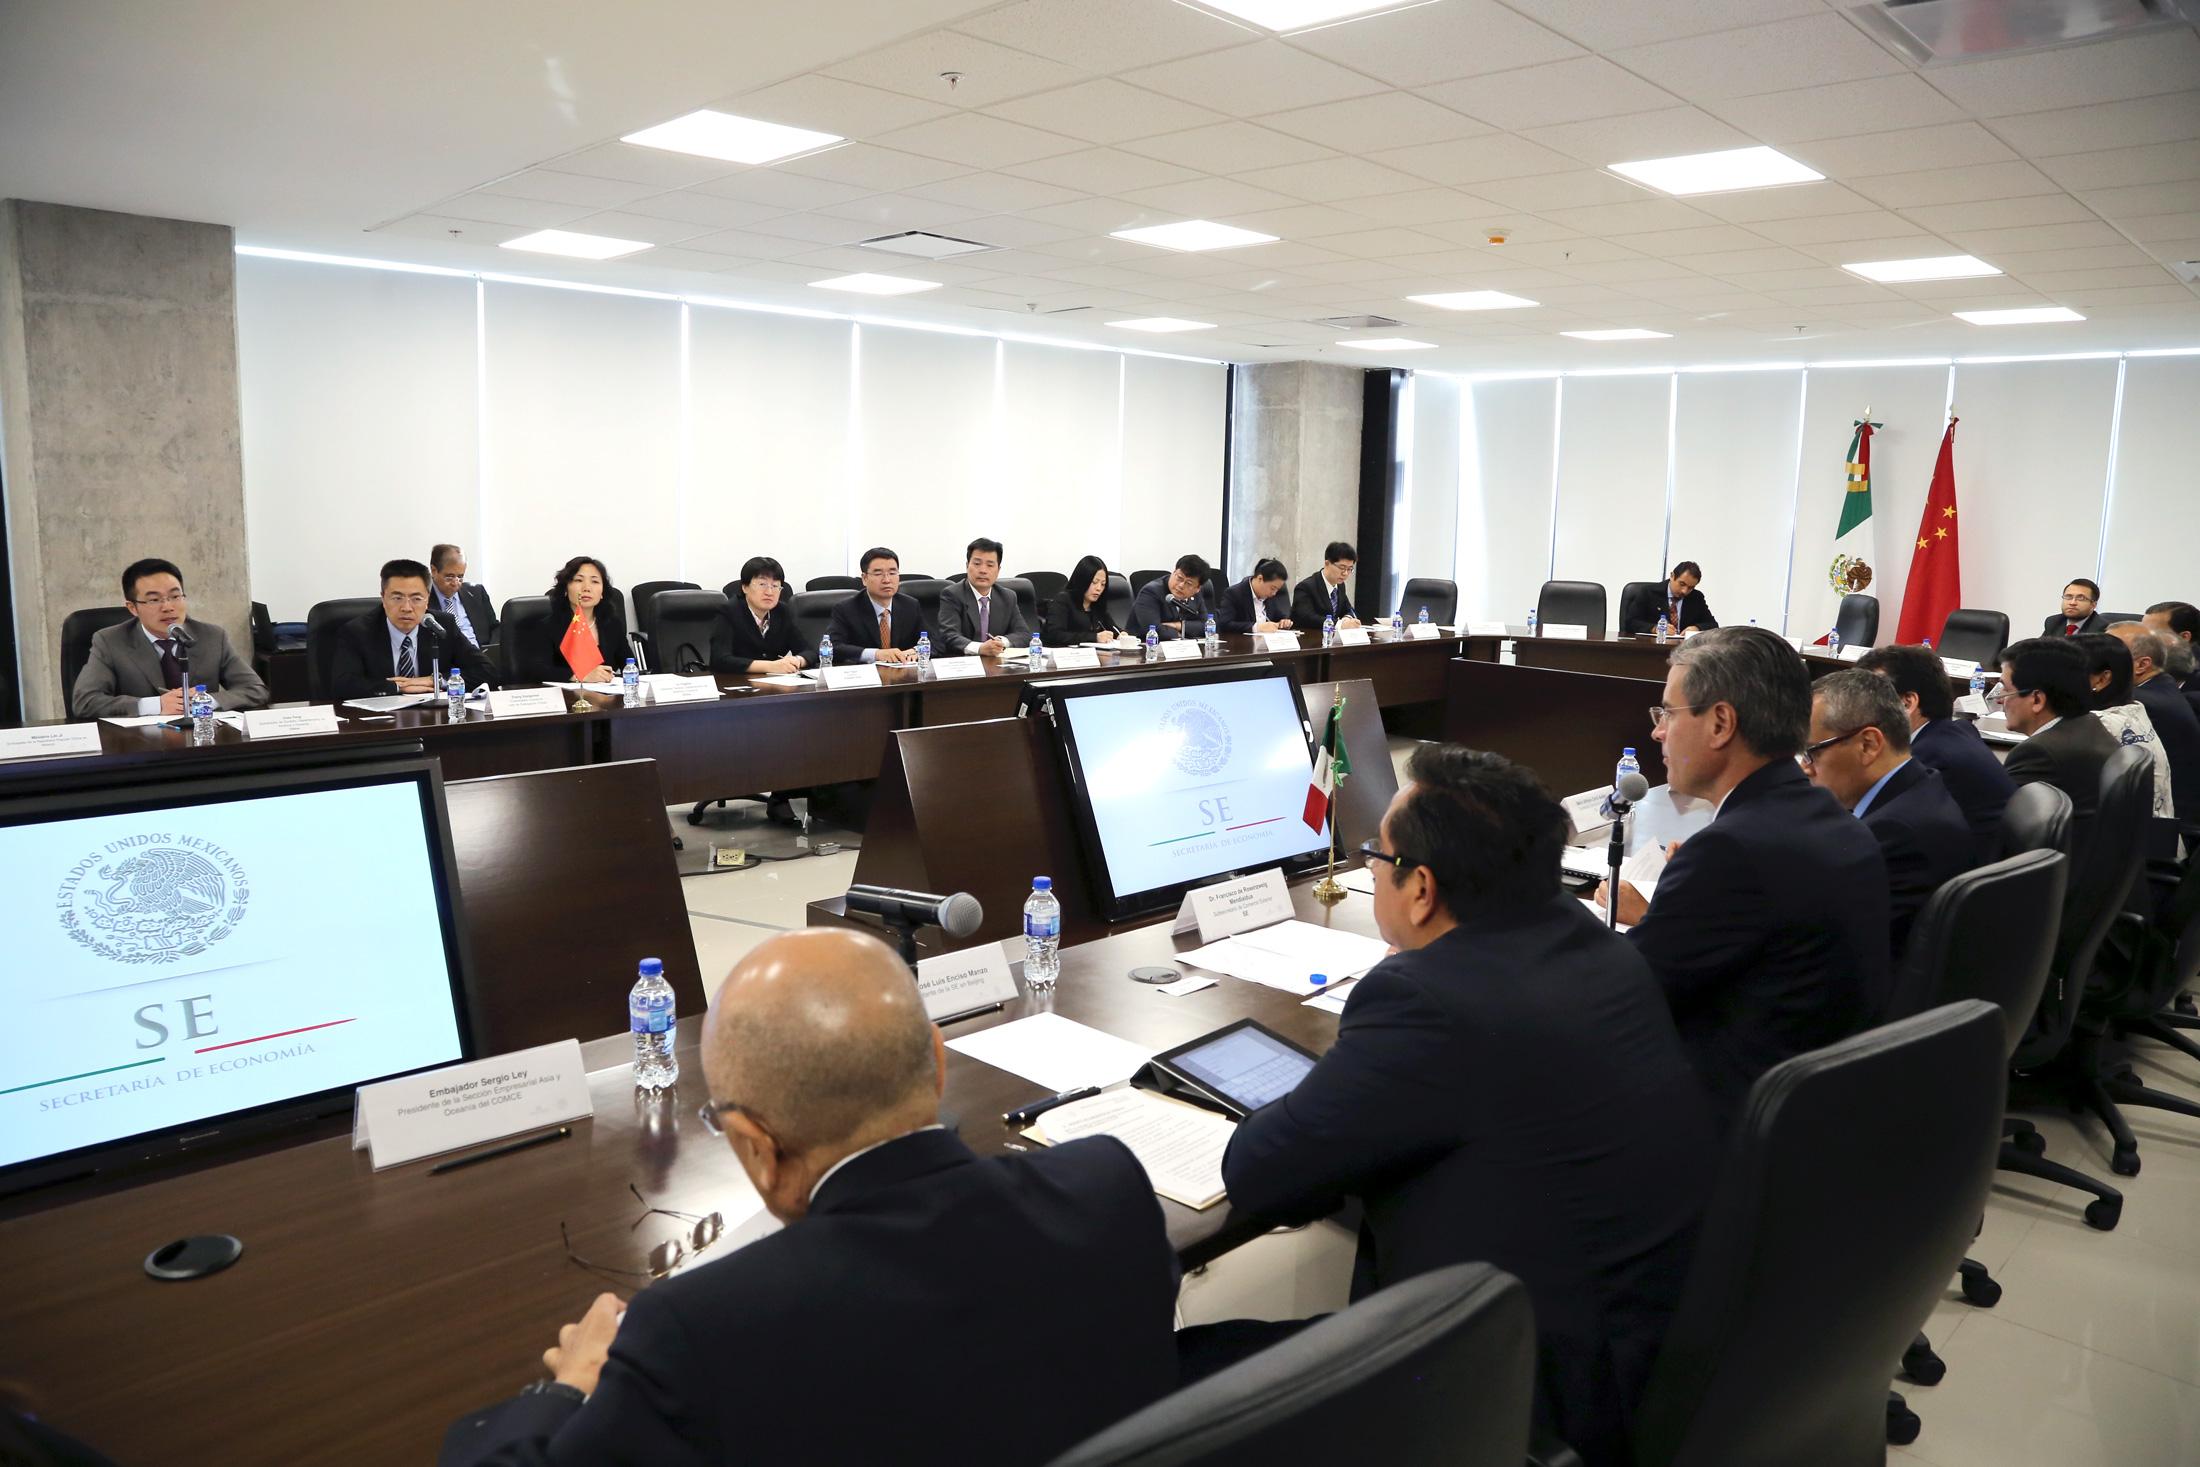 México y China llevaron a cabo los trabajos de la VII Reunión del Grupo de Alto Nivel (GAN) México-China